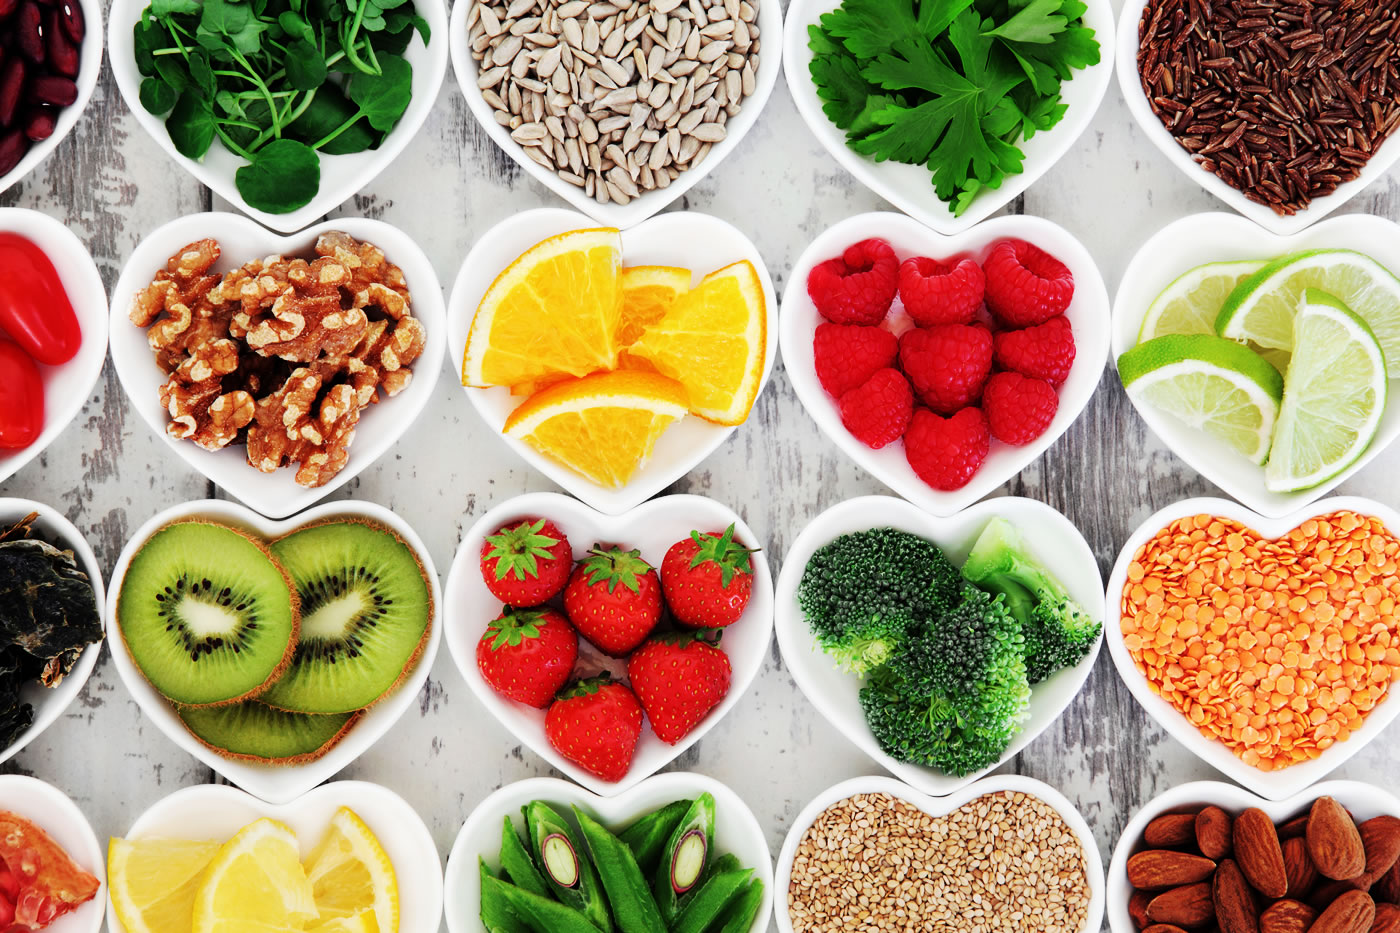 CONSIGLI NUTRIZIONALI PER LE FUTURE SPOSE